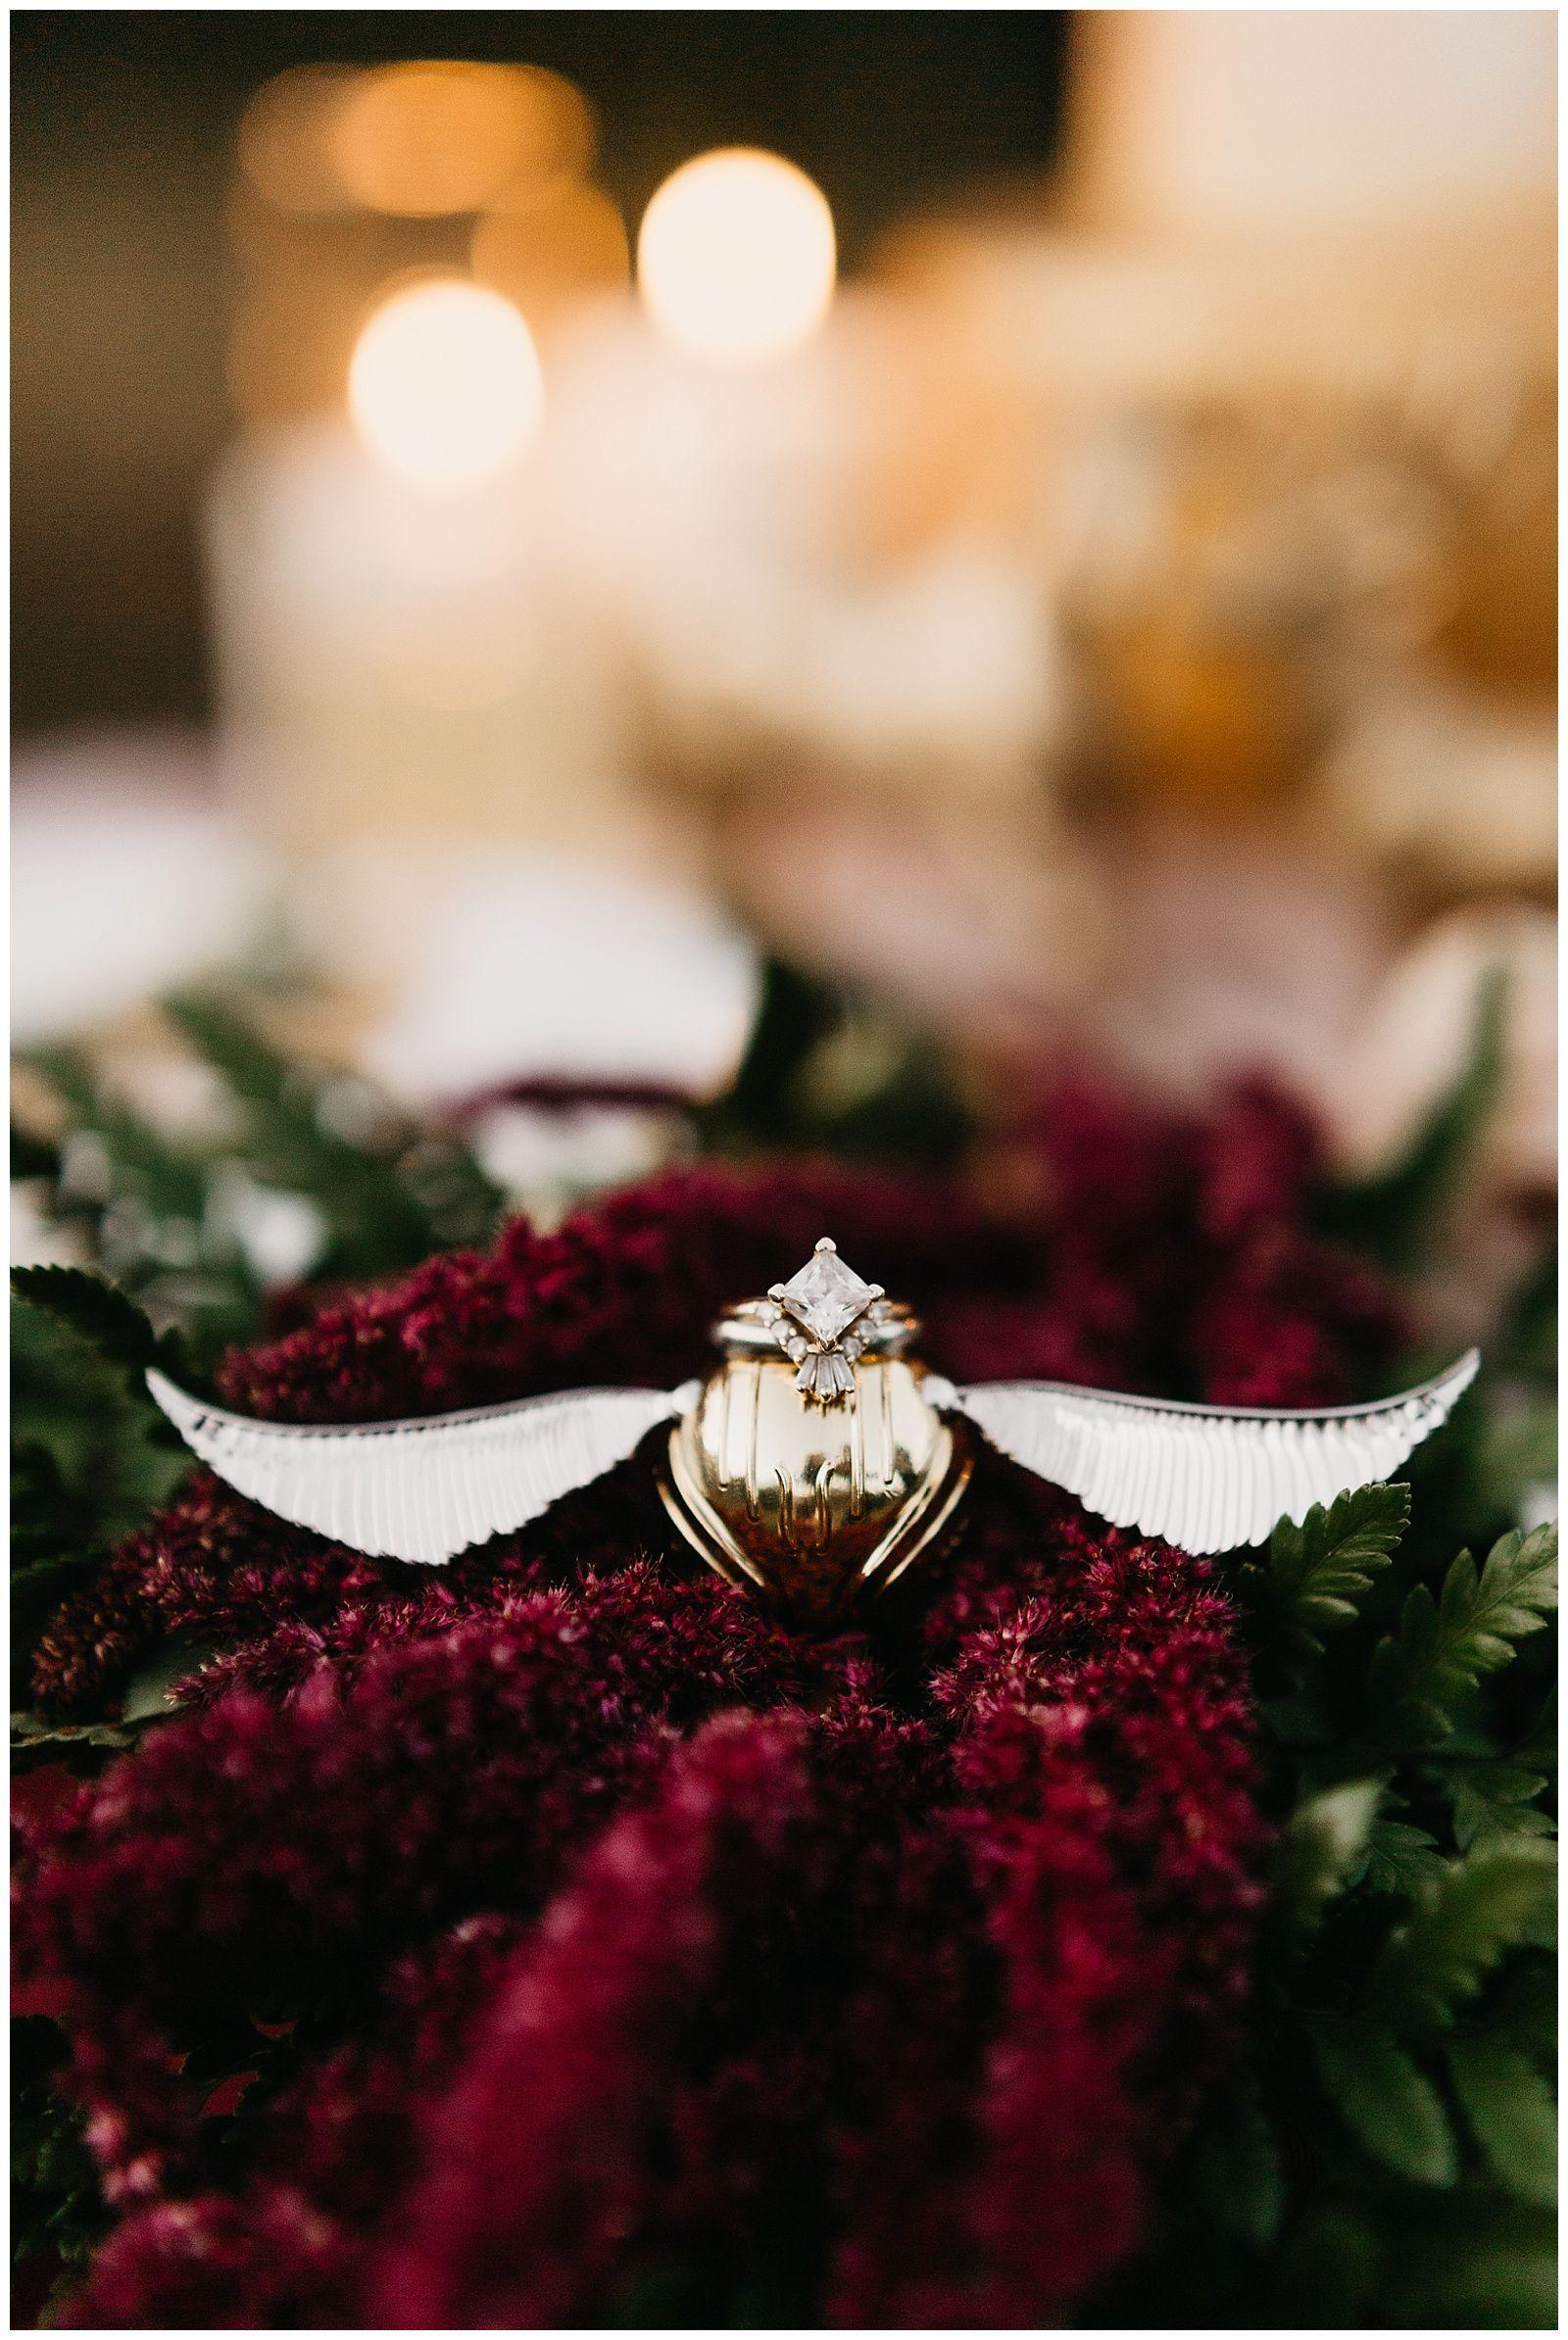 Harry potter wedding dress  After All This Timeu Harry Potter Elopement  HP love  Pinterest